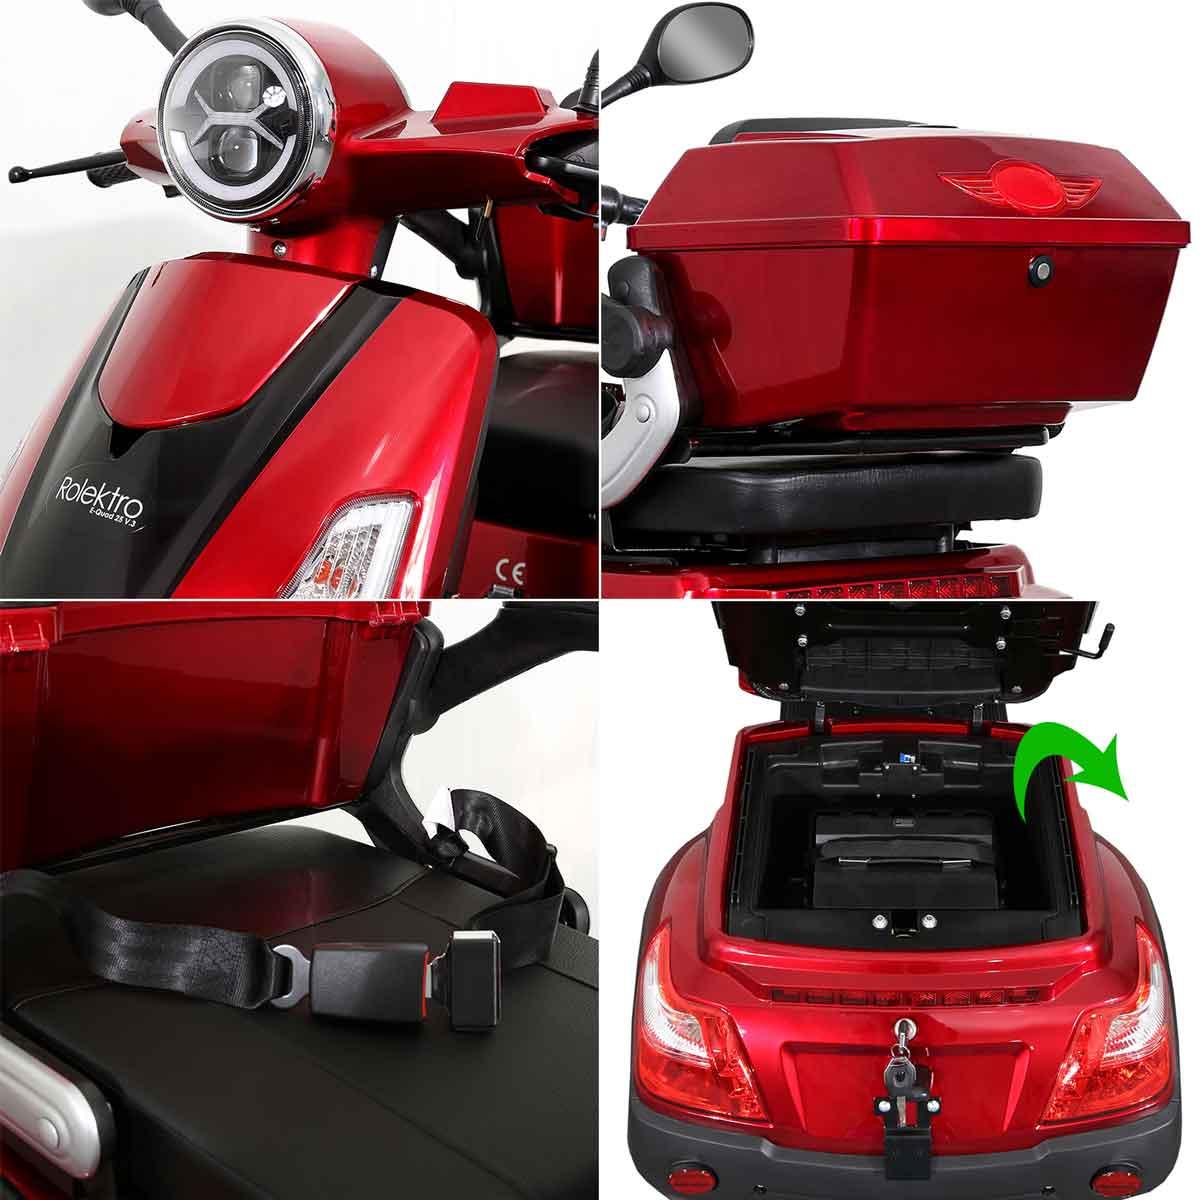 Seniorenmobil 4-Räder Elektromobil Elektroroller Rolektro 4/1000 rot Bild 3